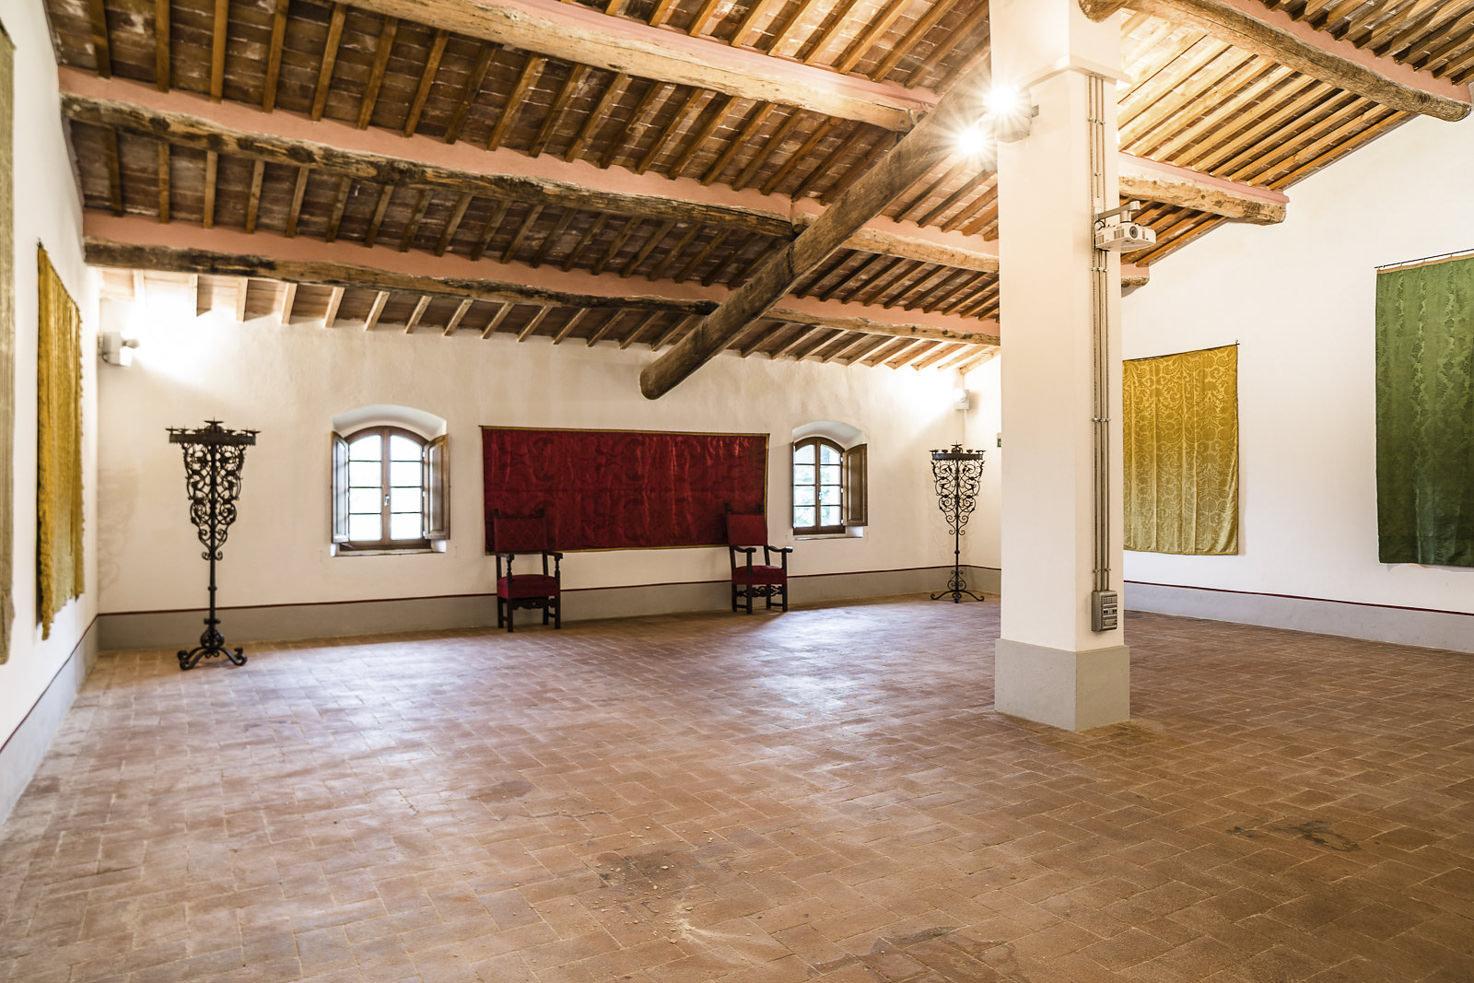 Interior of Castello di Celsa